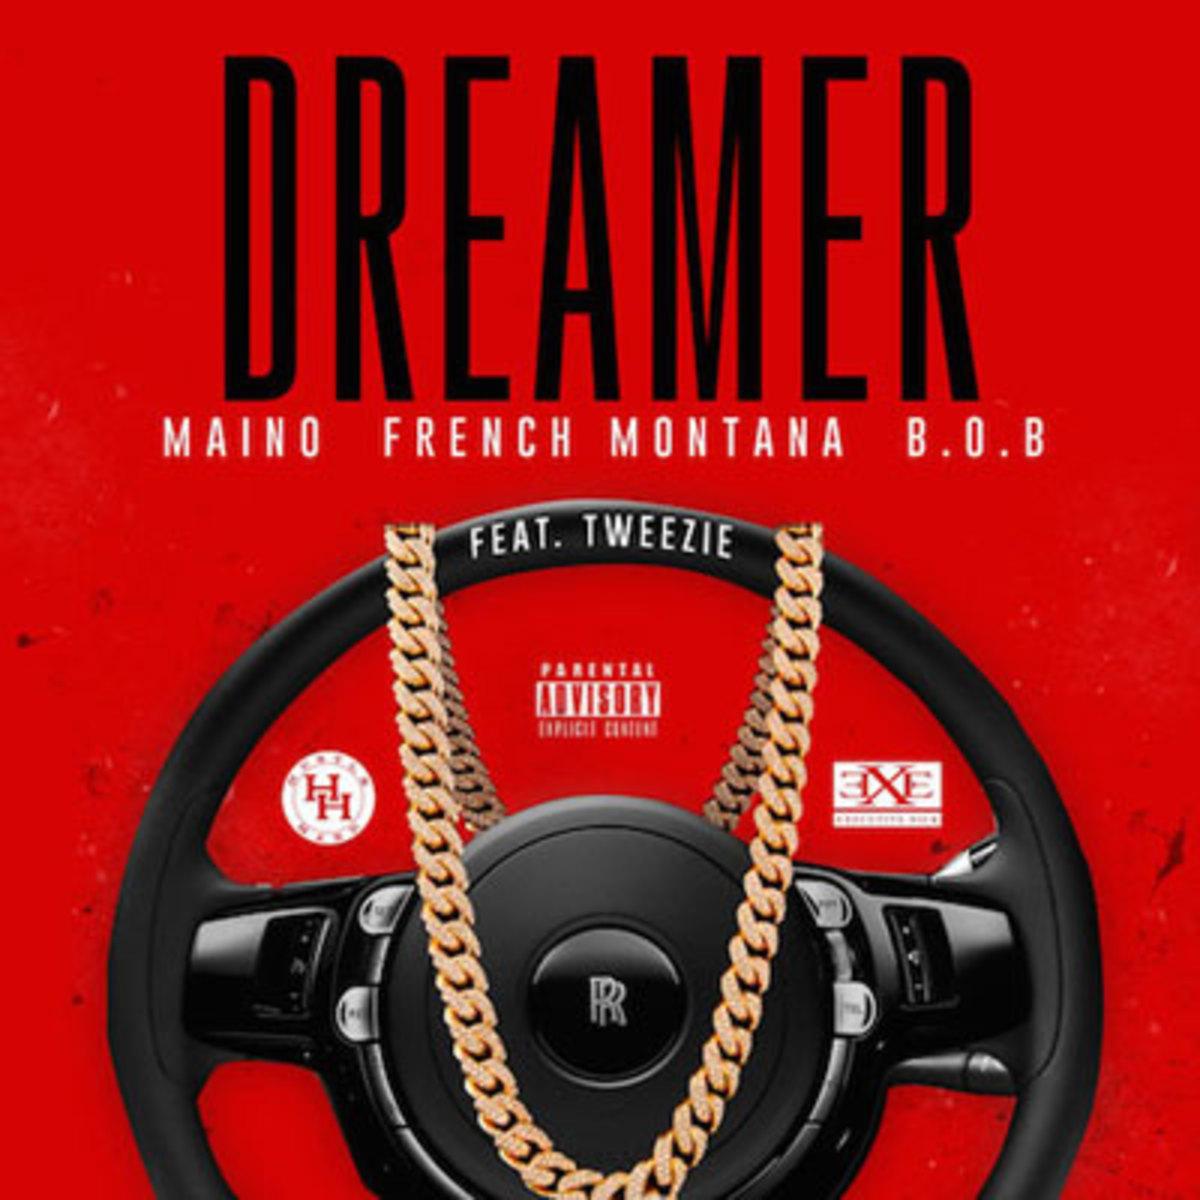 maino-dreamer.jpg